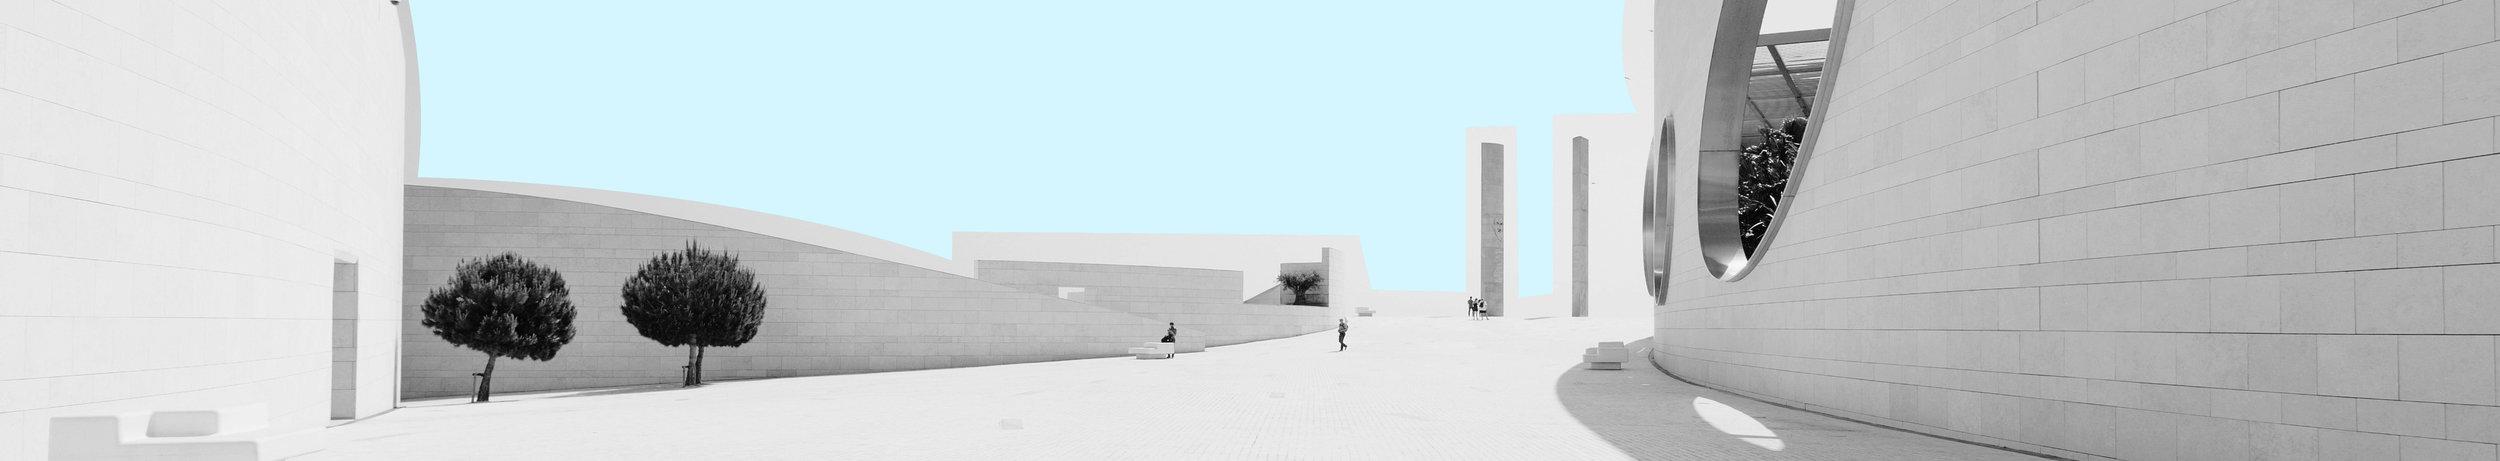 studio fresia architettura salubrità edifici cuneo mondovì architetti geometri edilizia servizi architettura piemonte.jpg